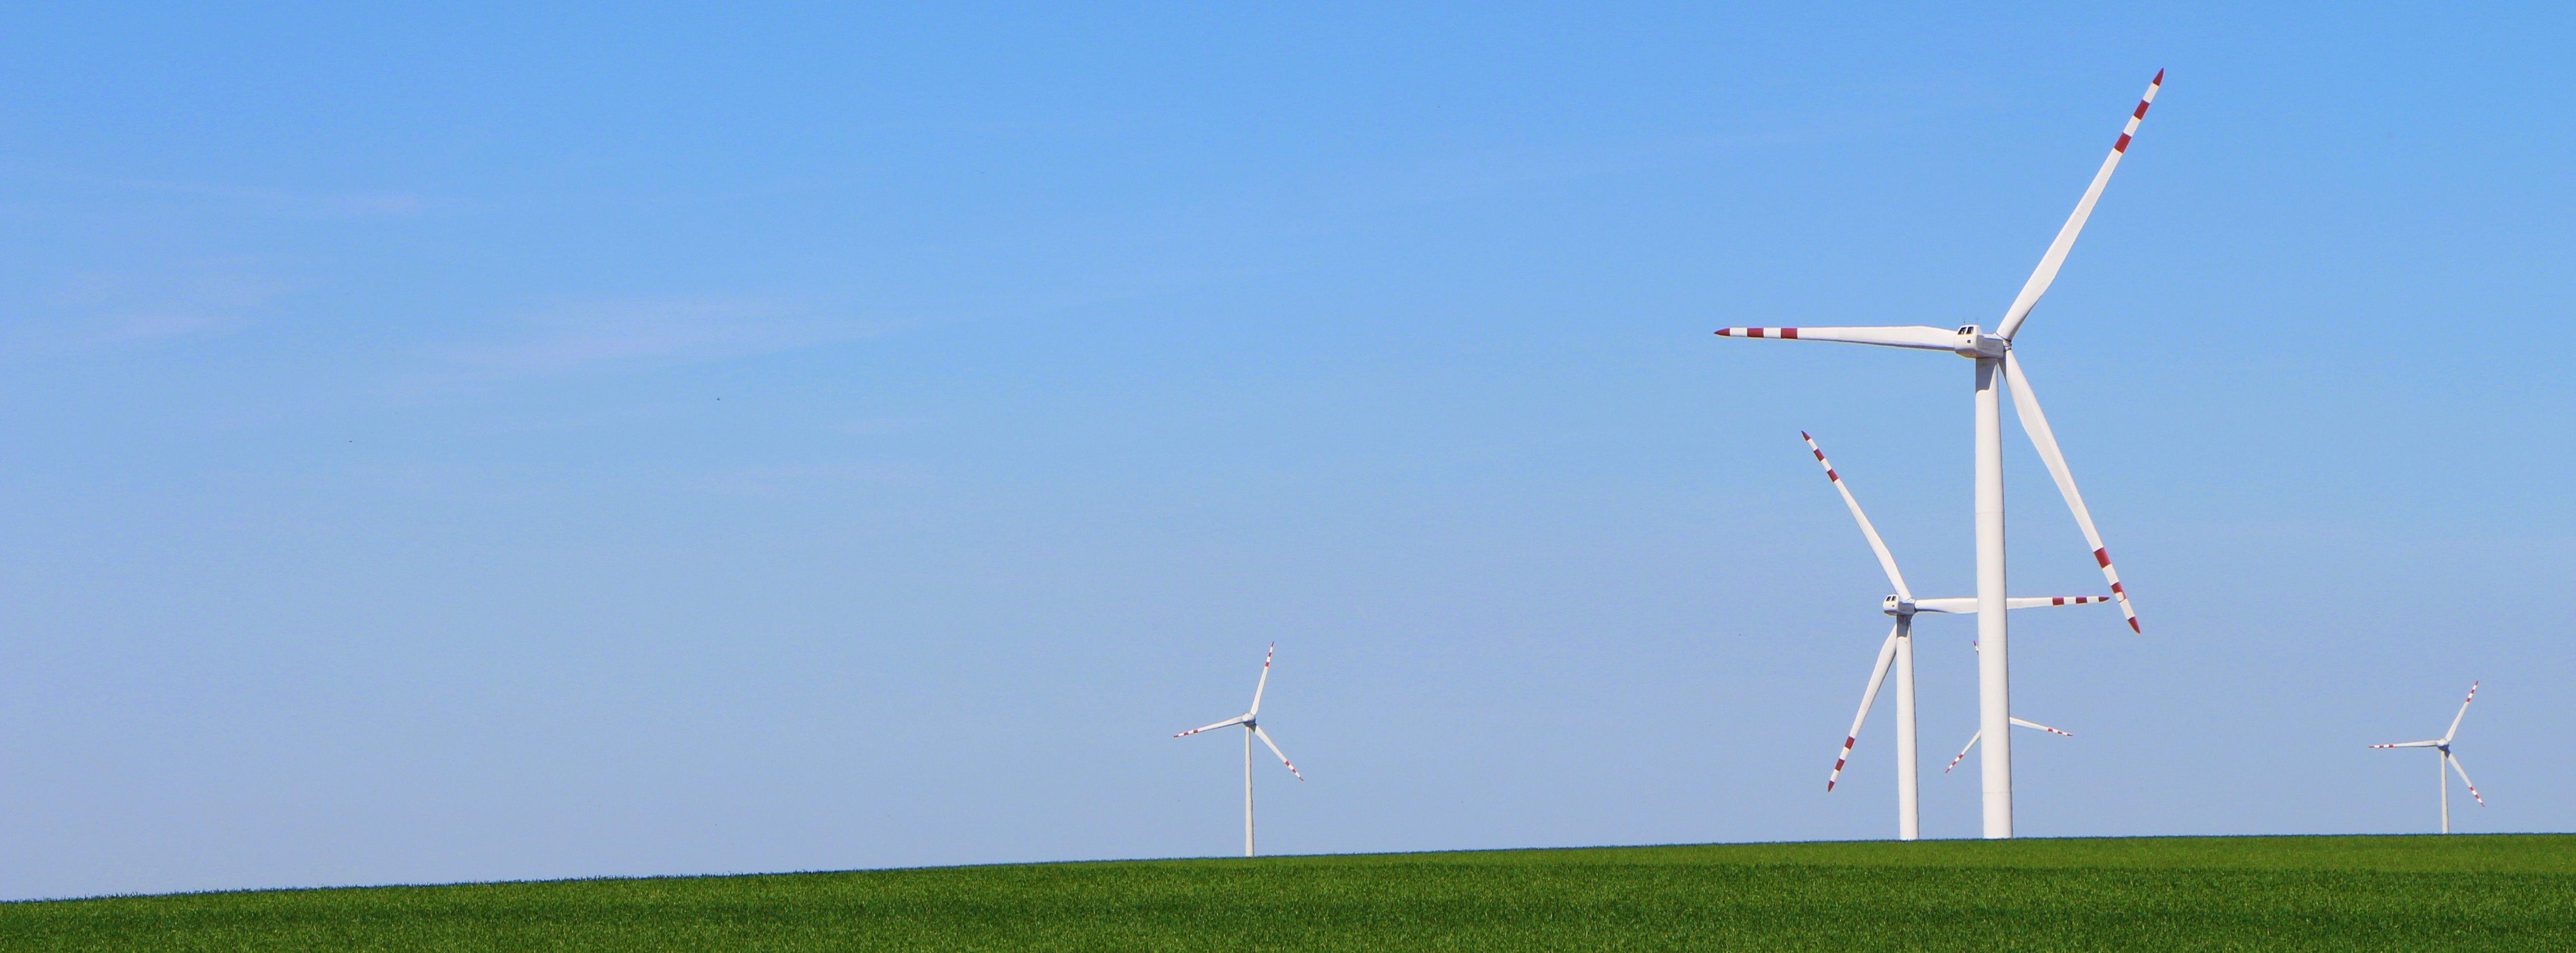 промышленные ветряки